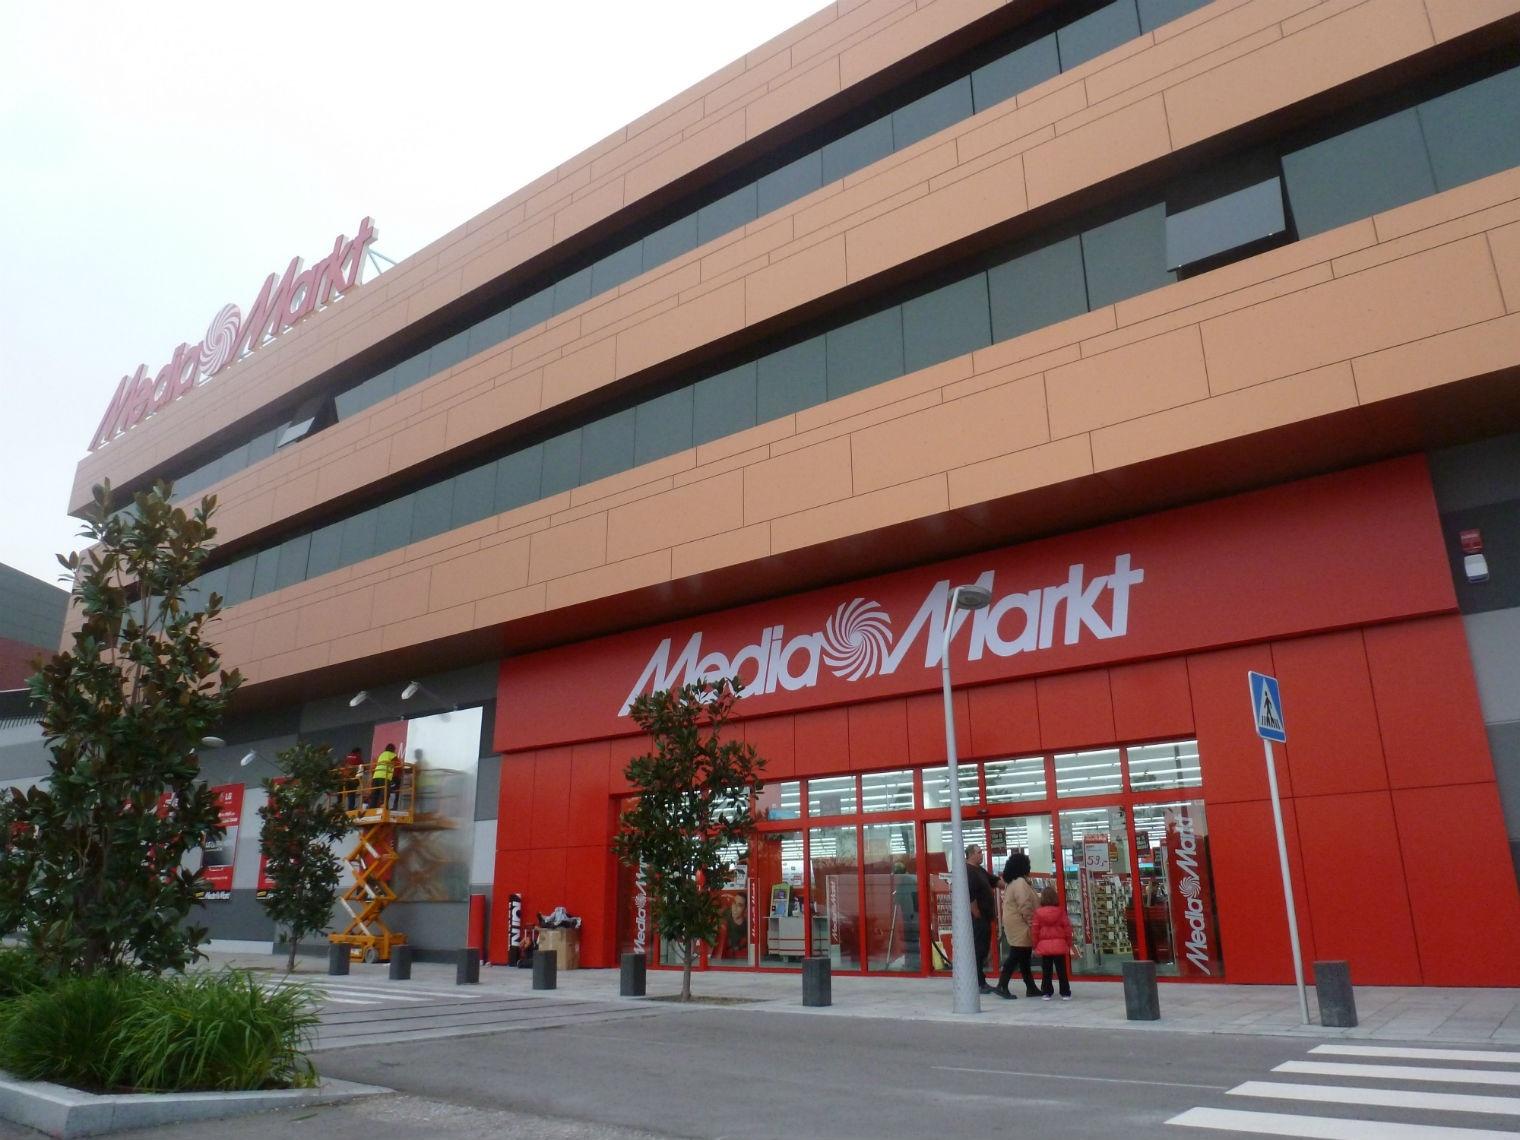 Media Markt abre una nueva tienda en Parets del Vallès (Cataluña), la número 72 en España